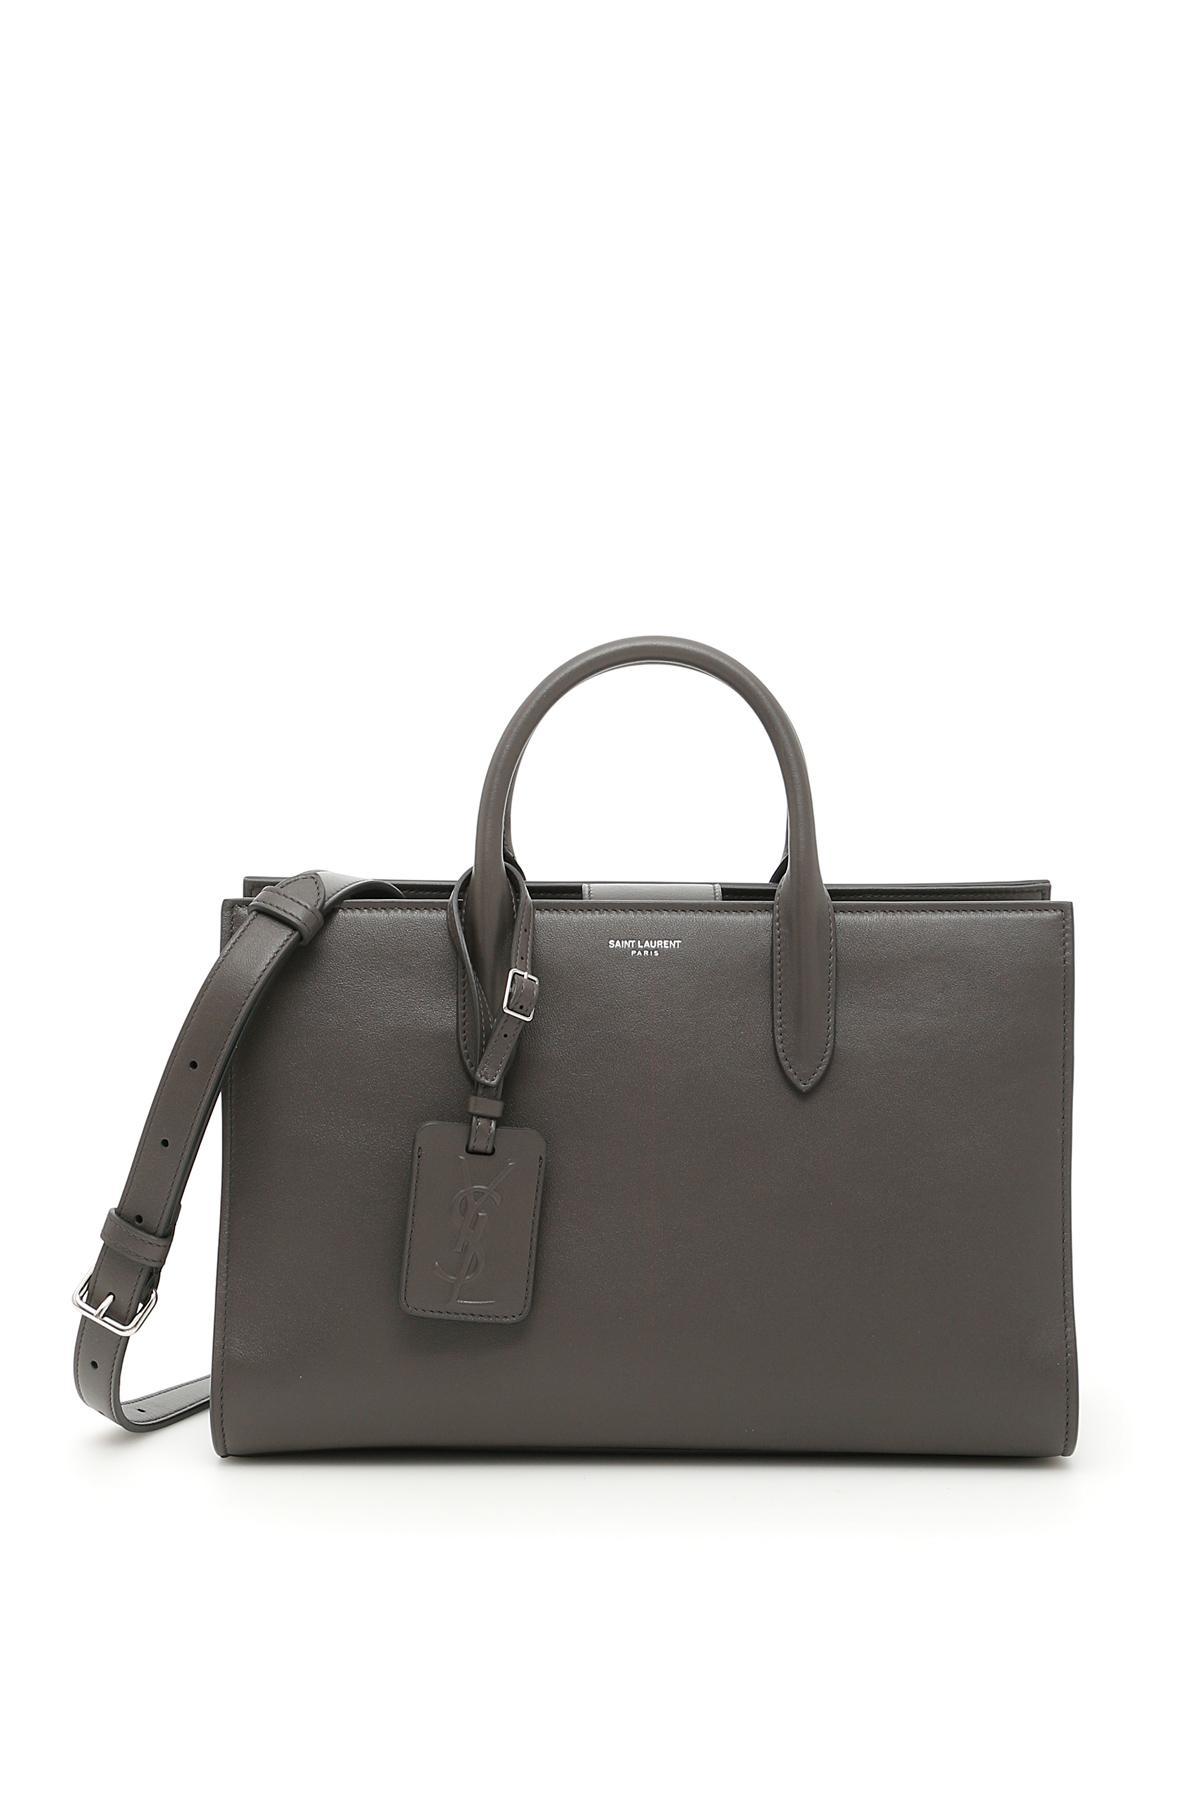 73481a3ae34a Lyst - Saint Laurent Calfskin Medium Jane Bag in Black